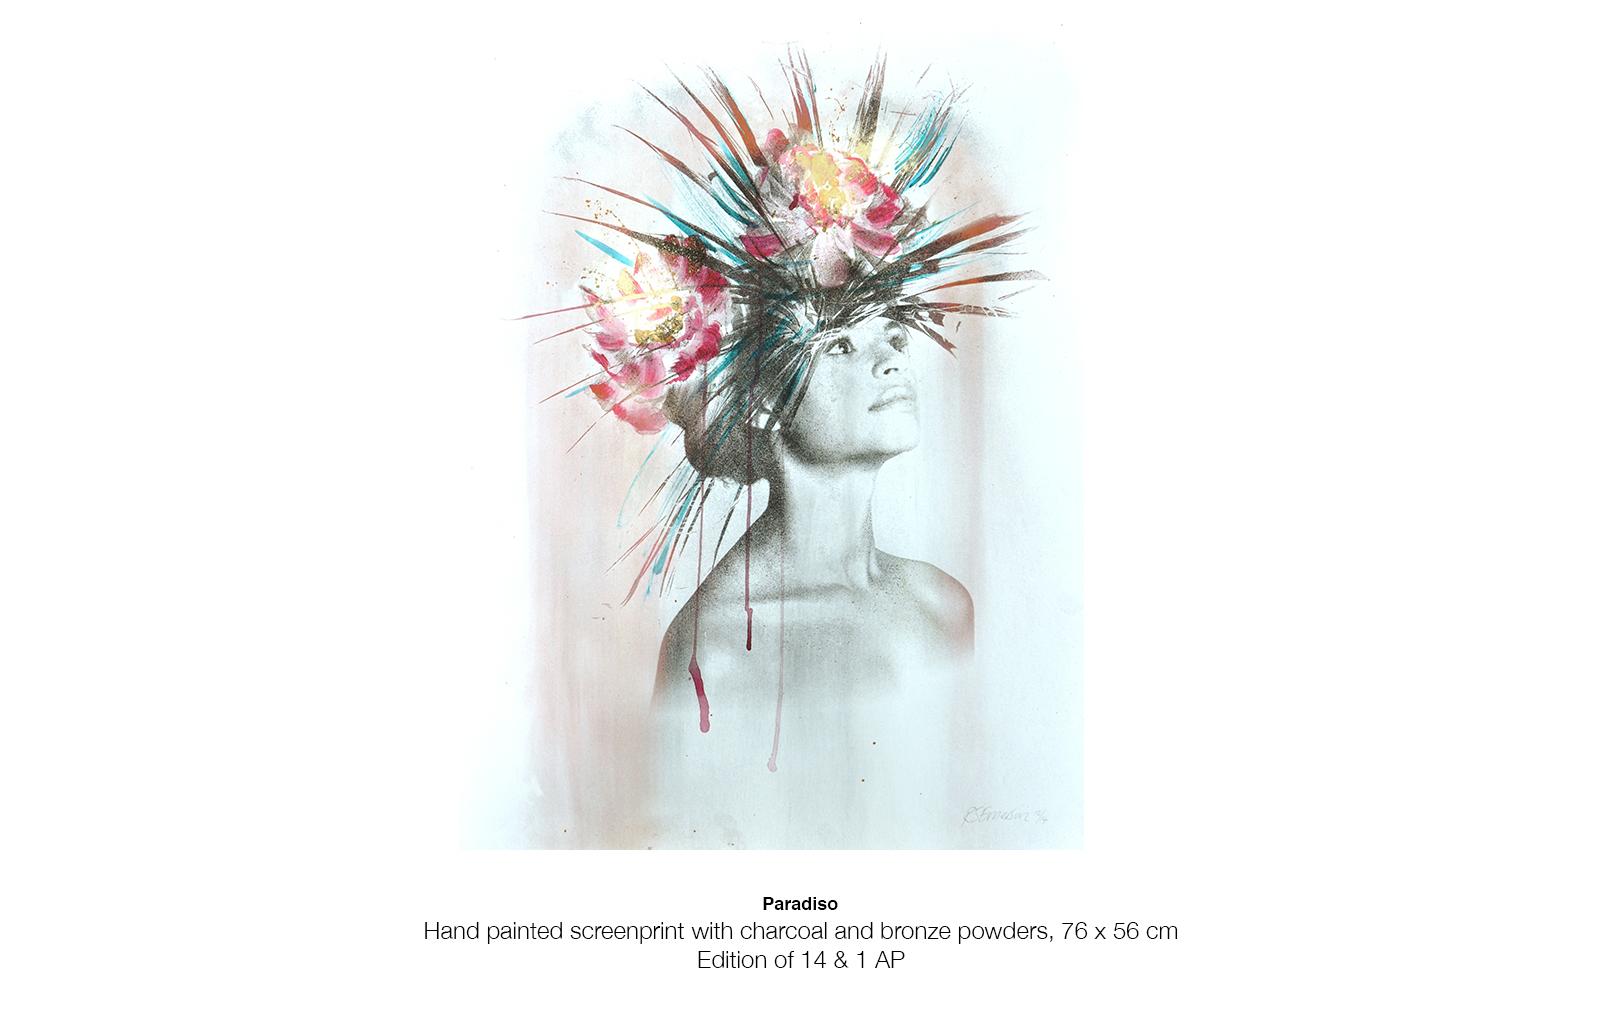 paradiso S1